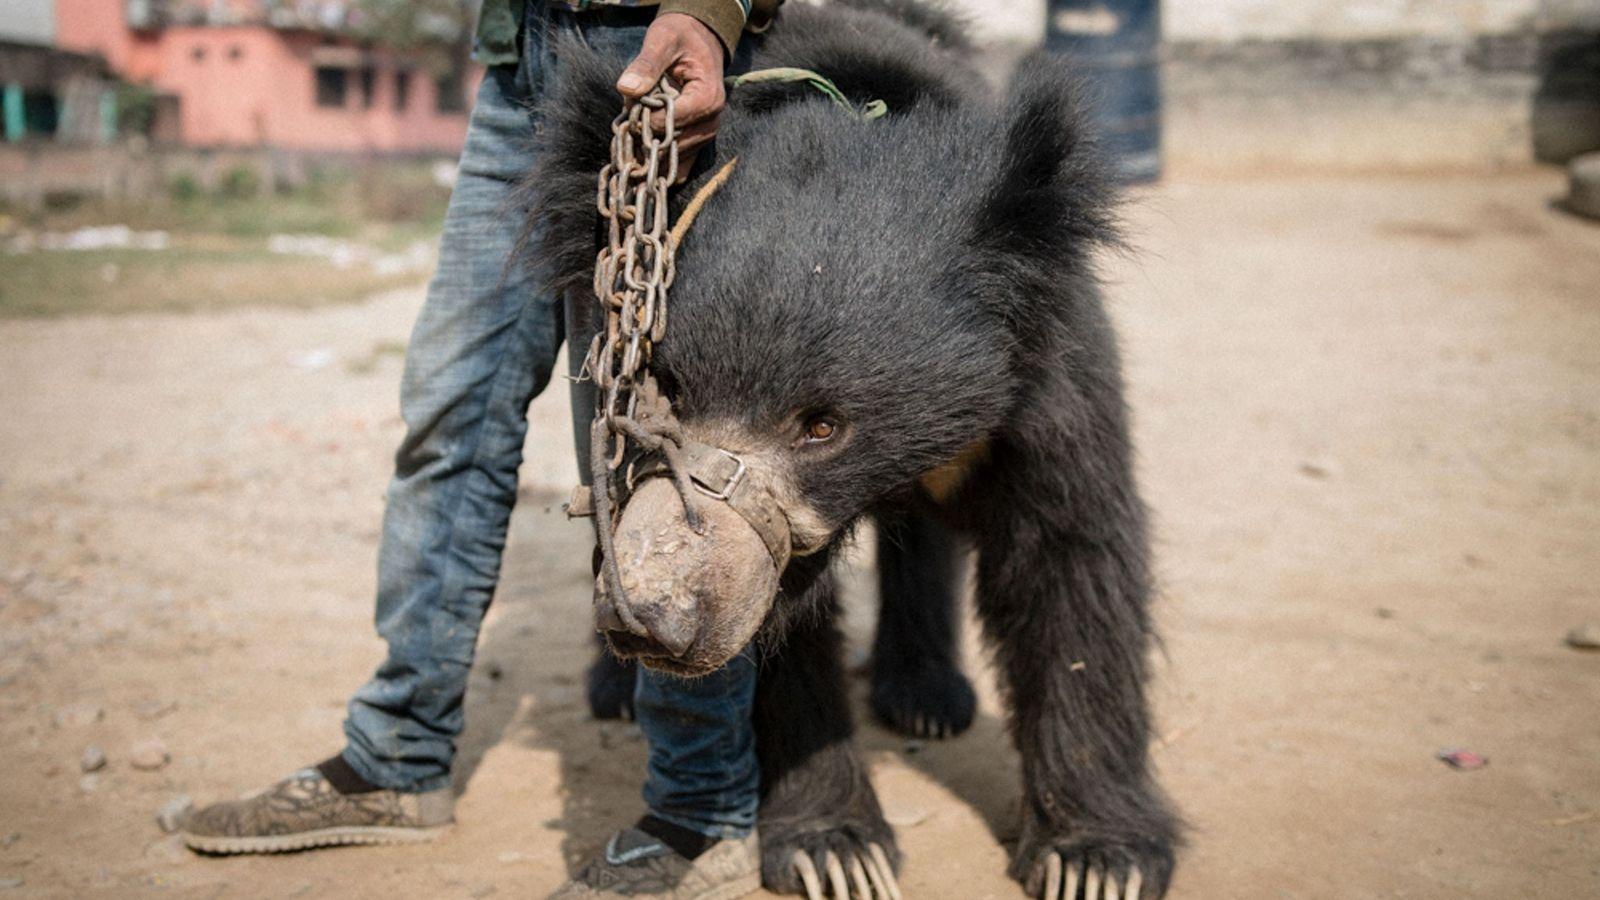 Rangeela (ours lippu mâle) avec un de ses propriétaires - Il était forcé à divertir des ...